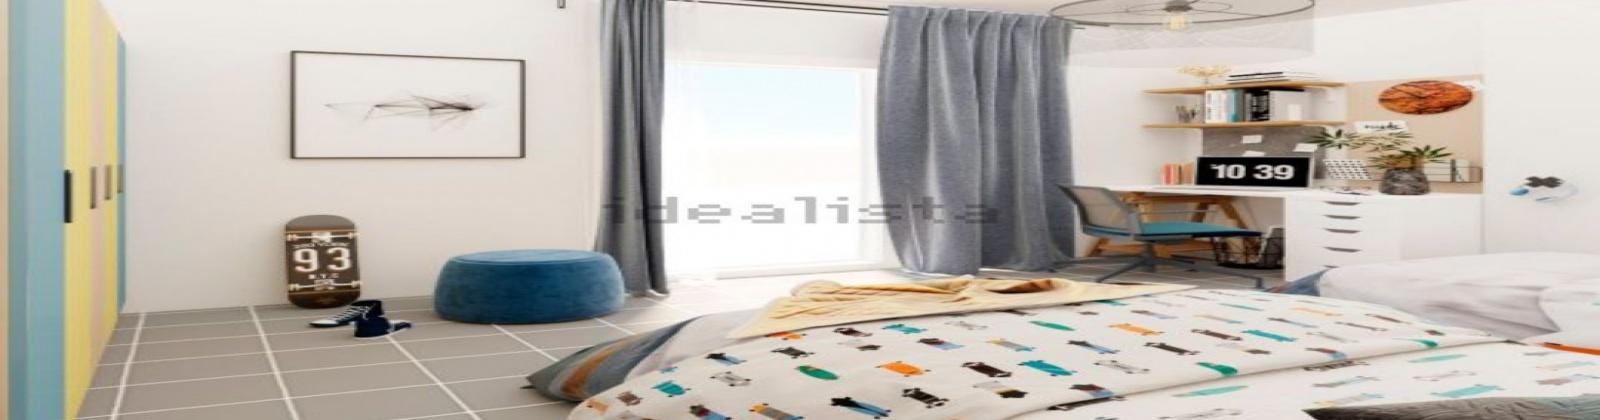 Vivienda de entidad bancaria 2 dormitorios adosado